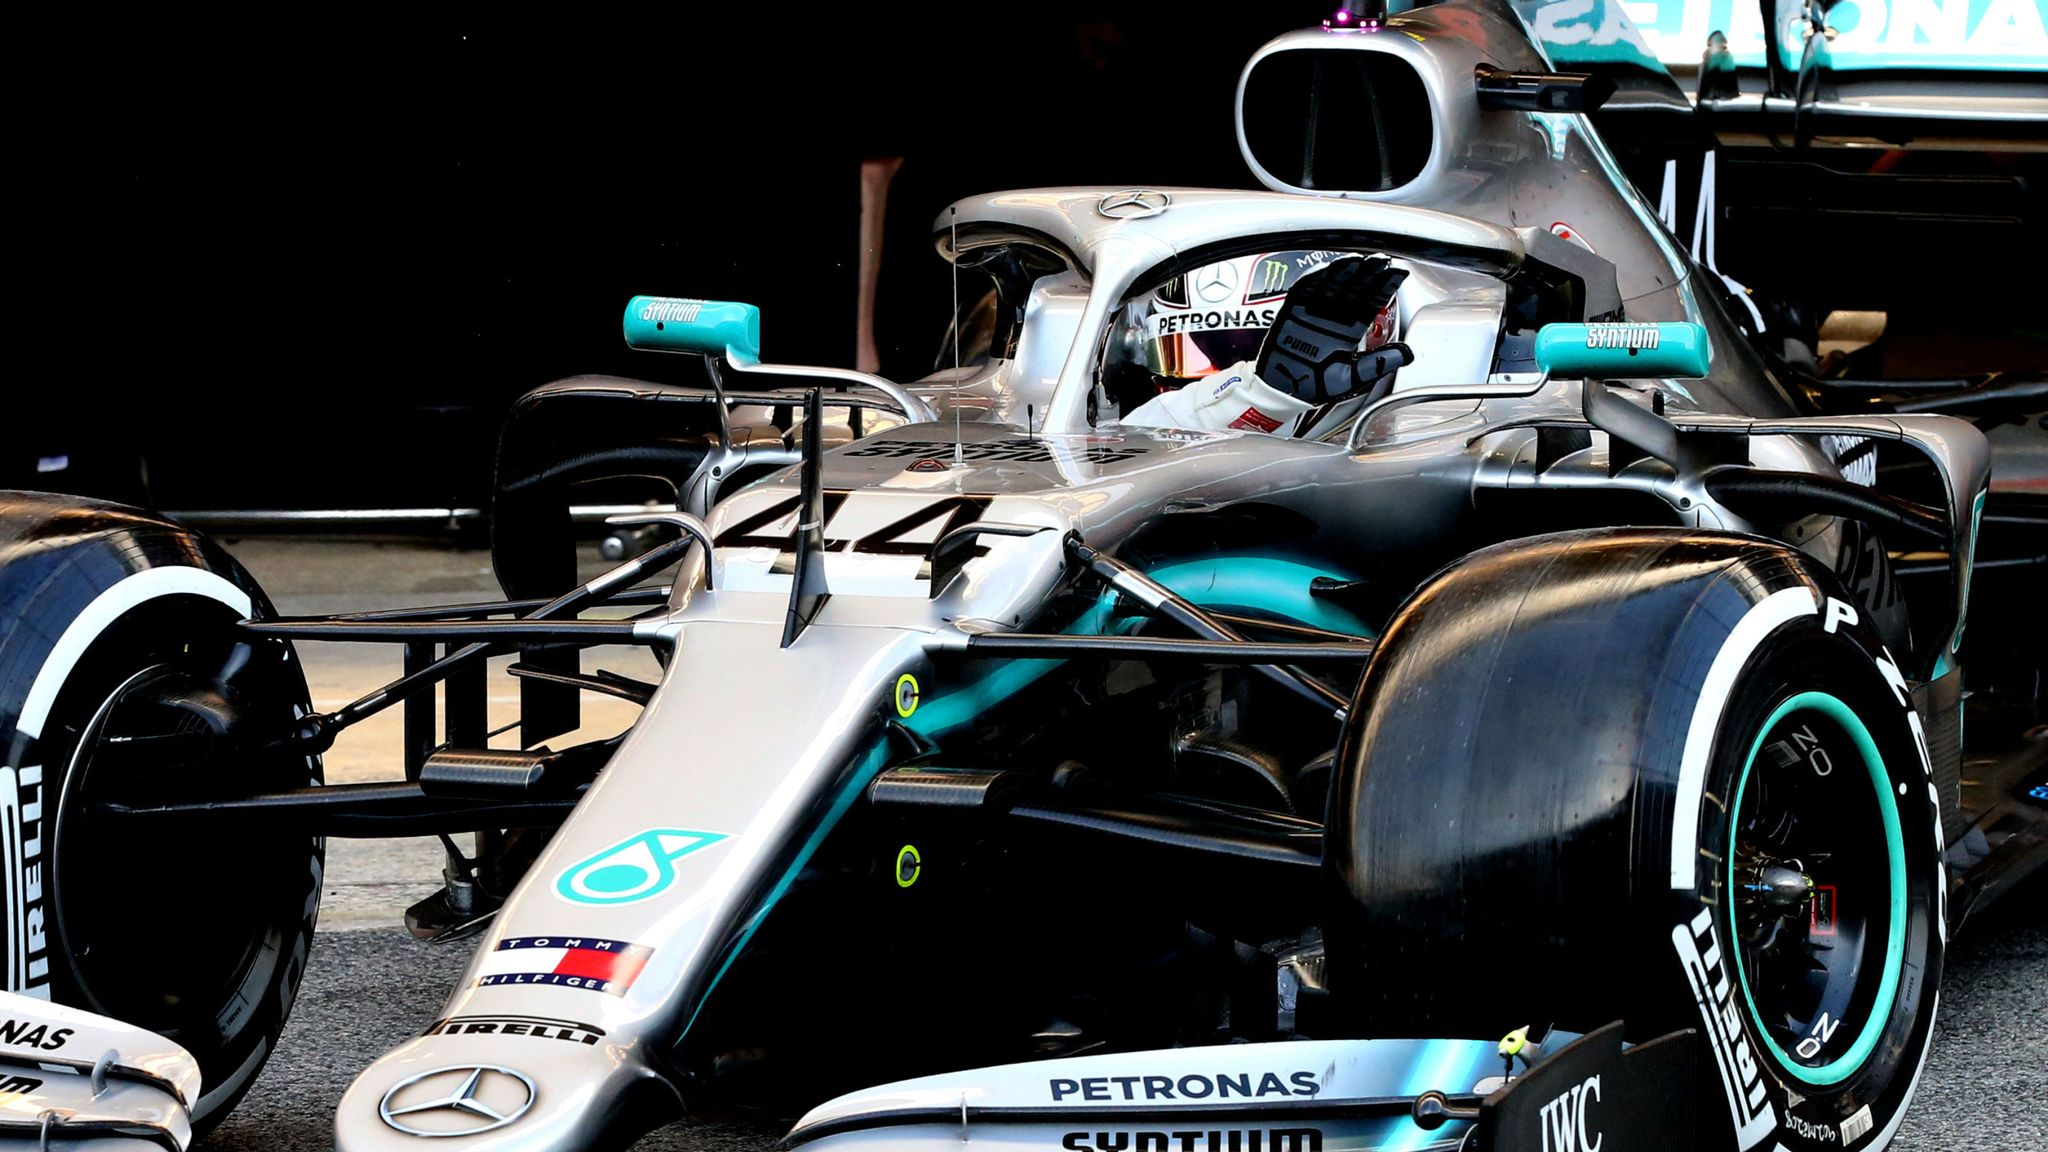 Lewis Hamilton F1 Mercedes Wallpaper